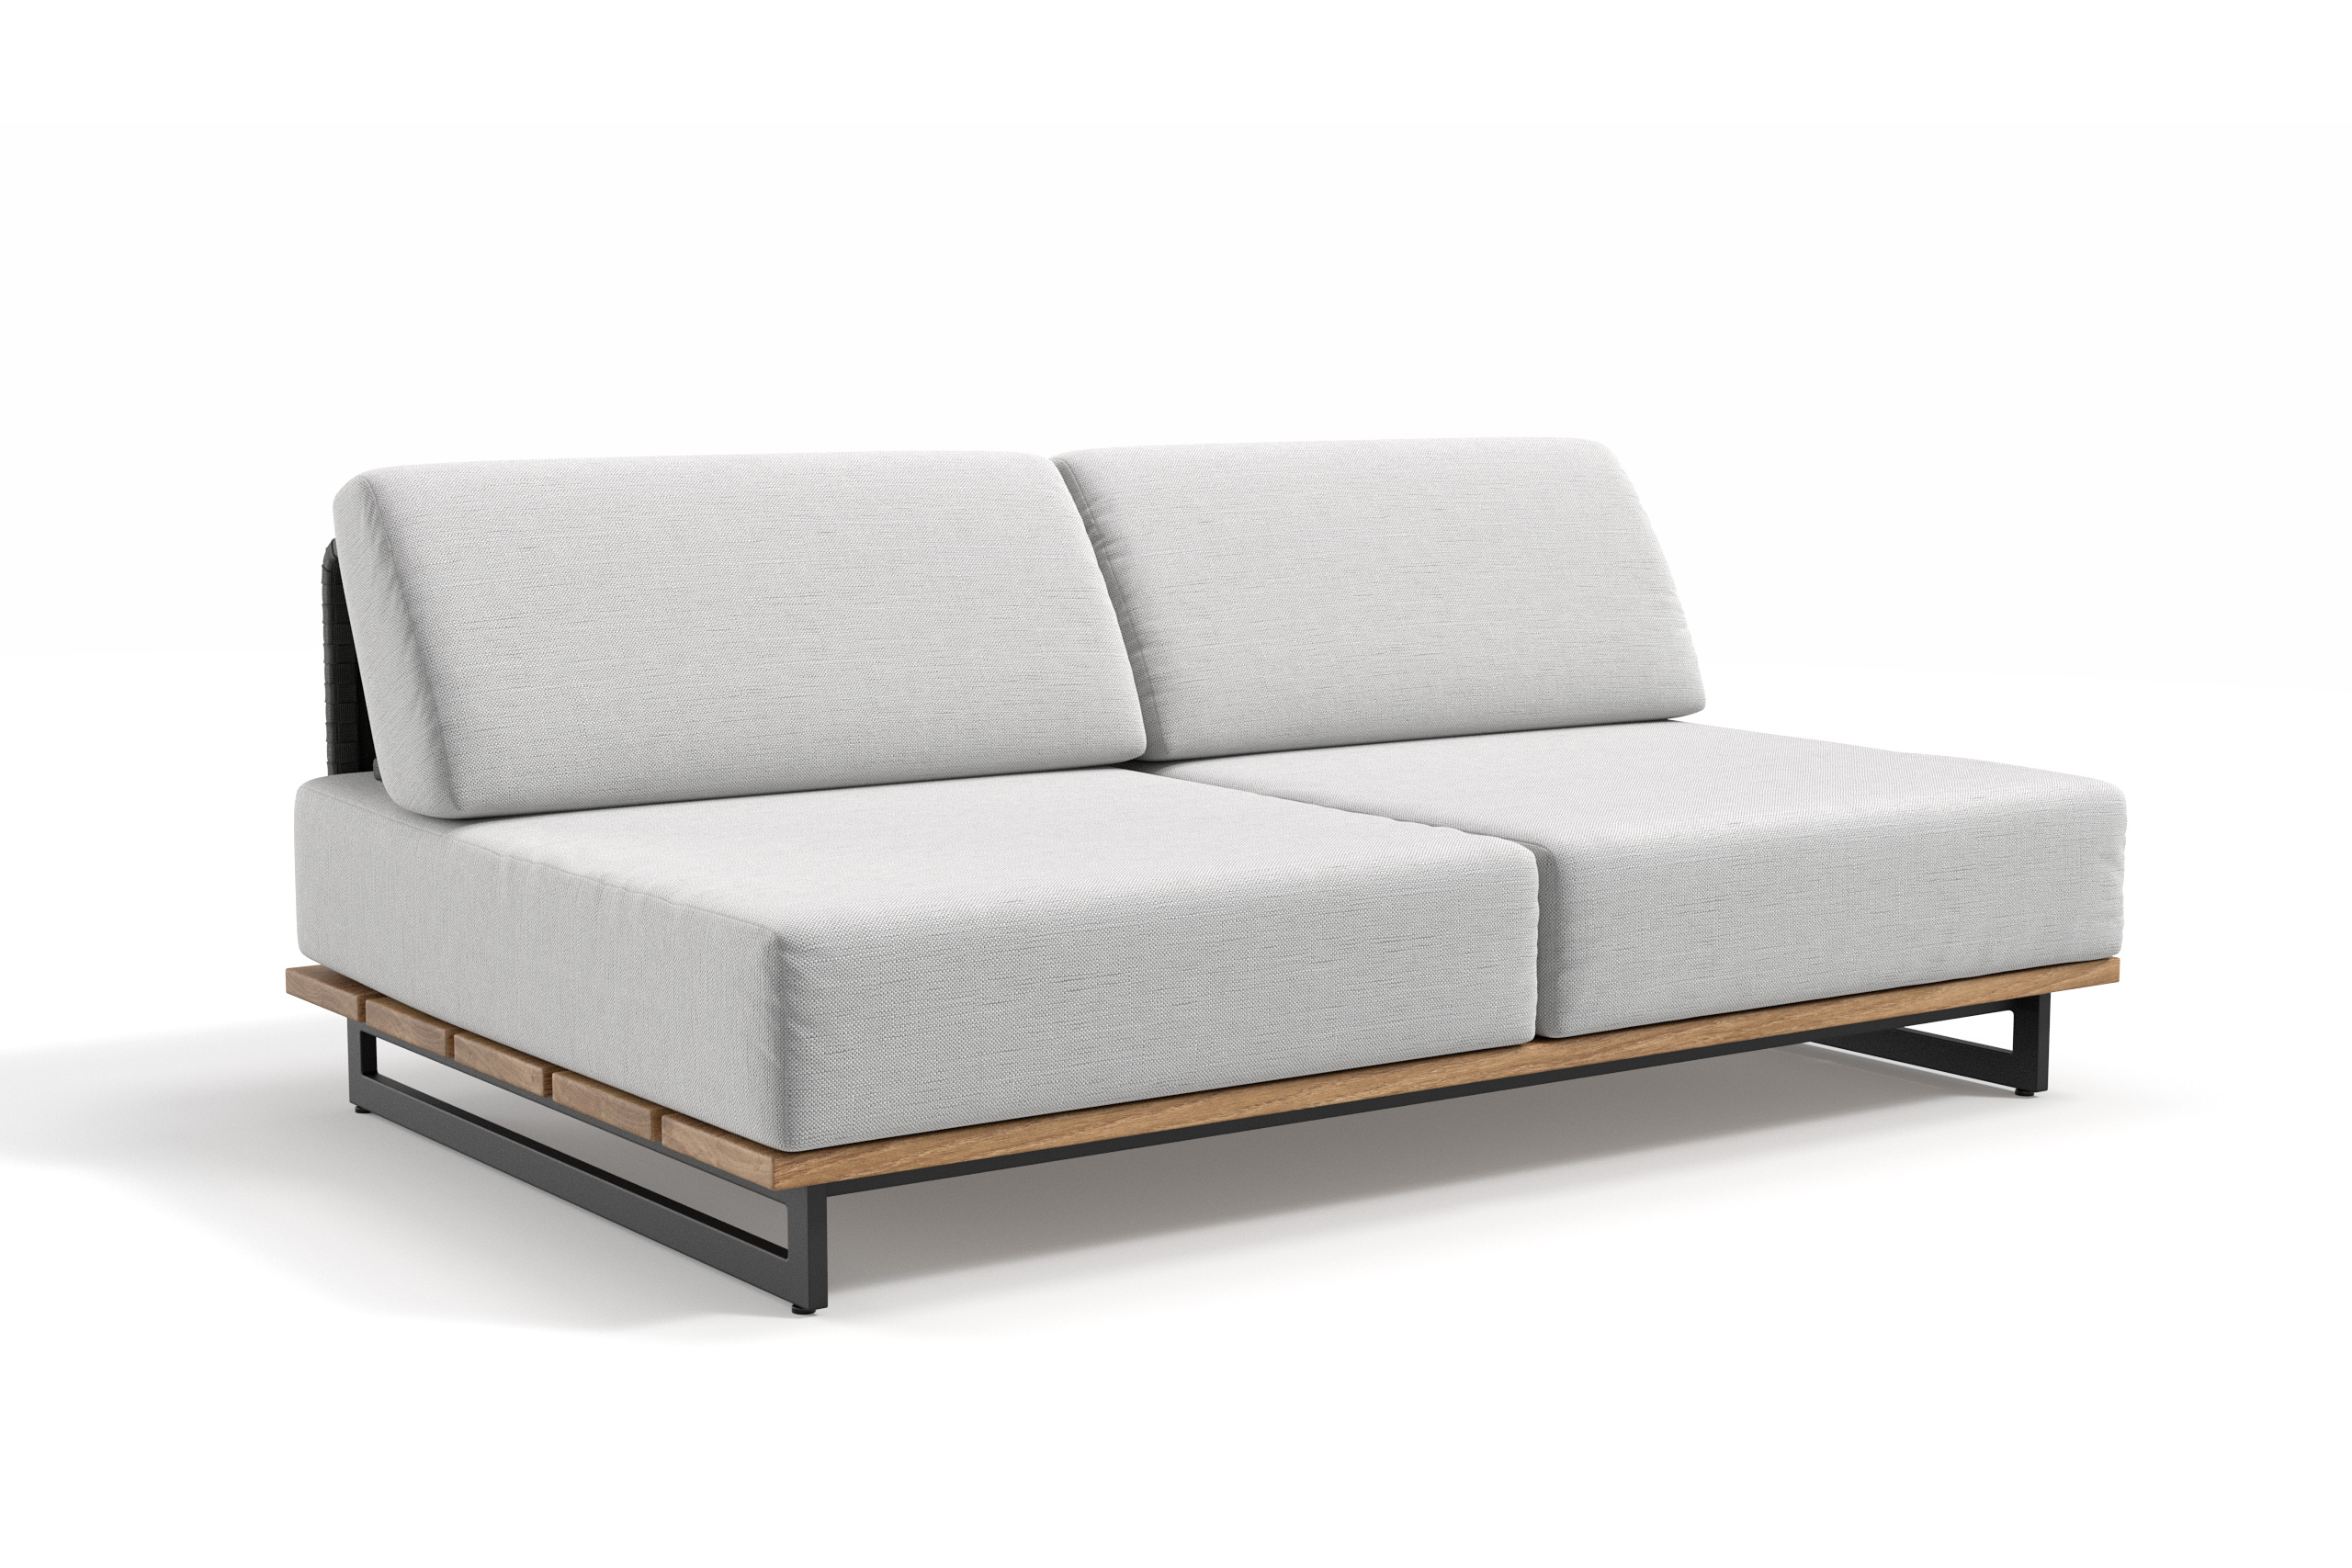 MIAMI 2-Sitzer